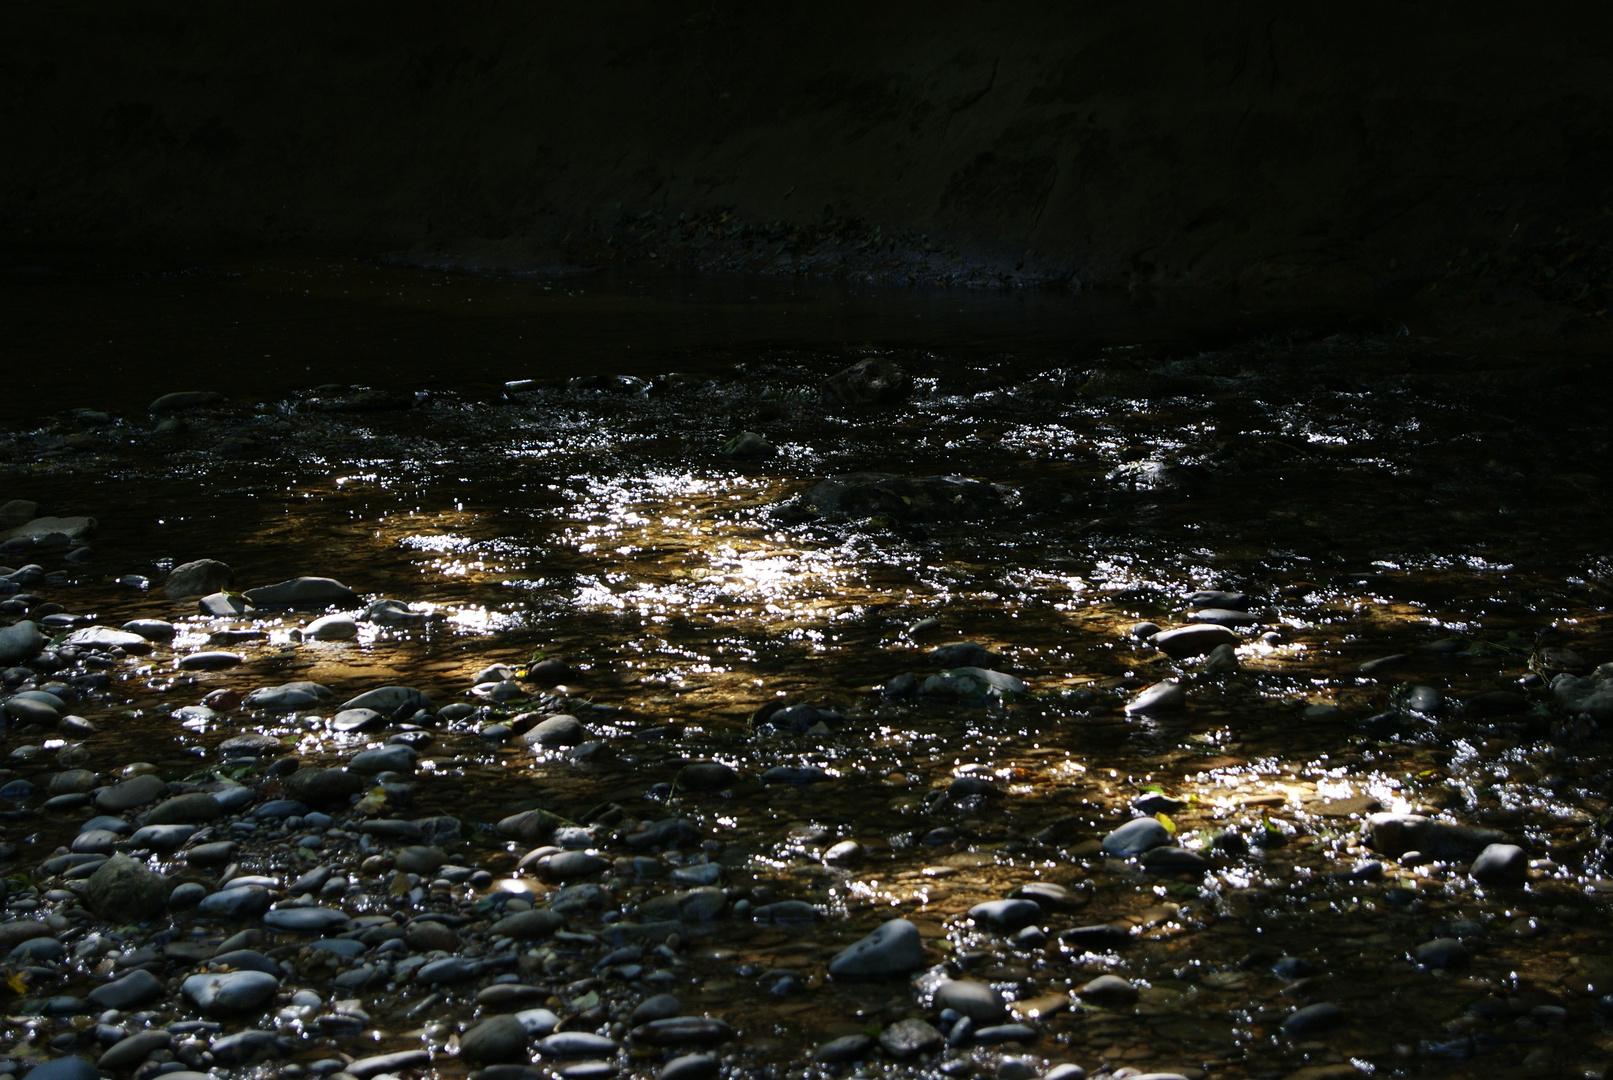 Funkelndes Leuchten in Seichten Wasser